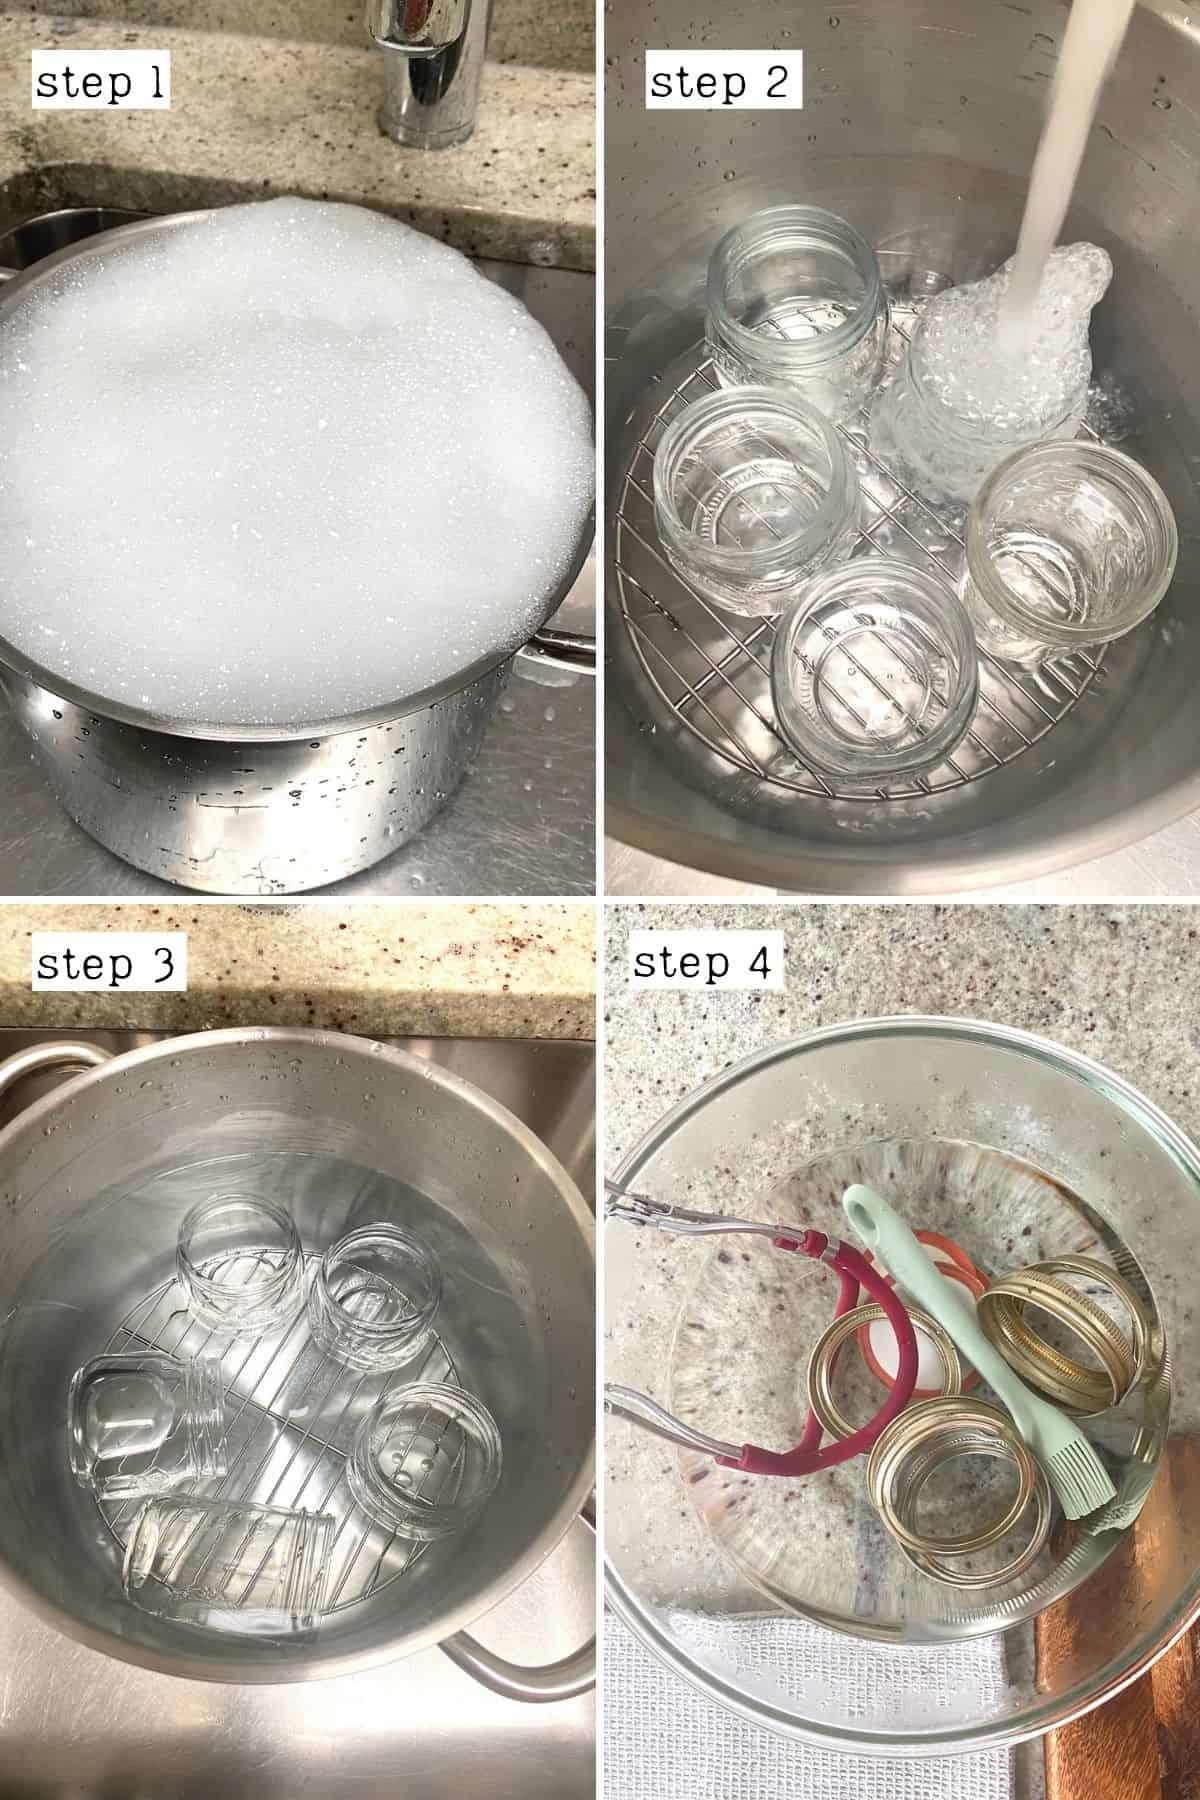 Steps for sterilizing jars